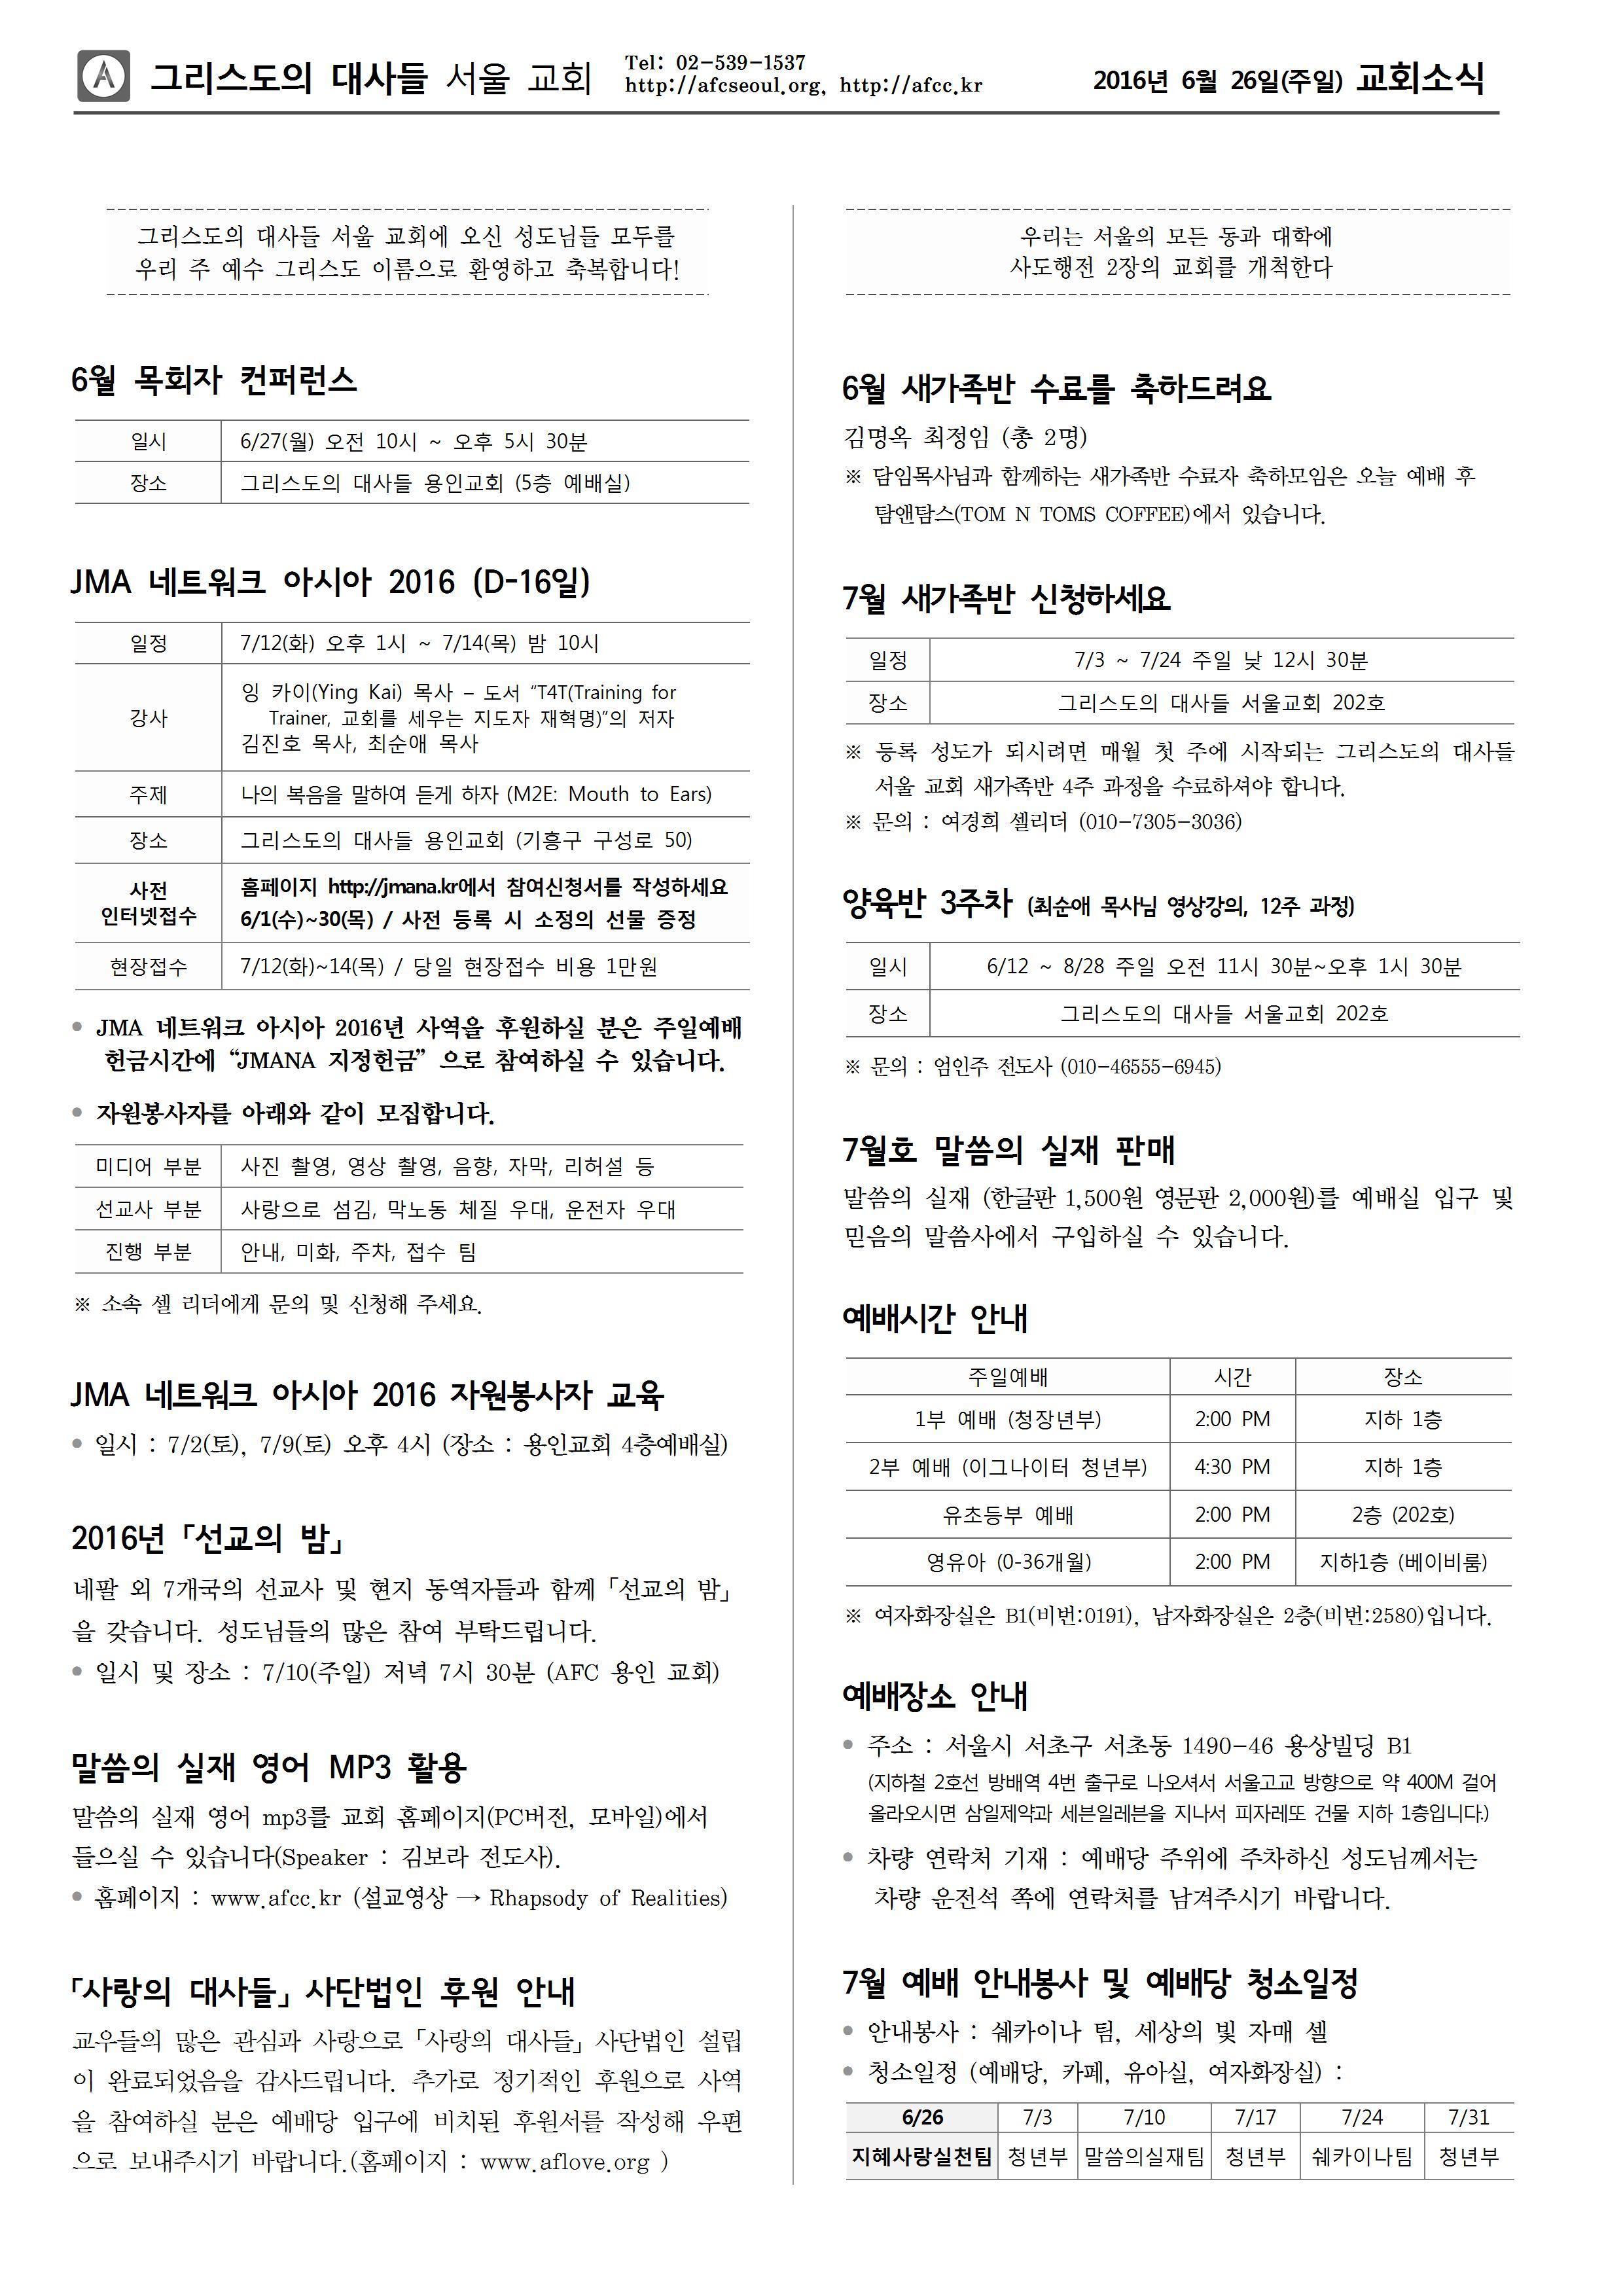 image수정001